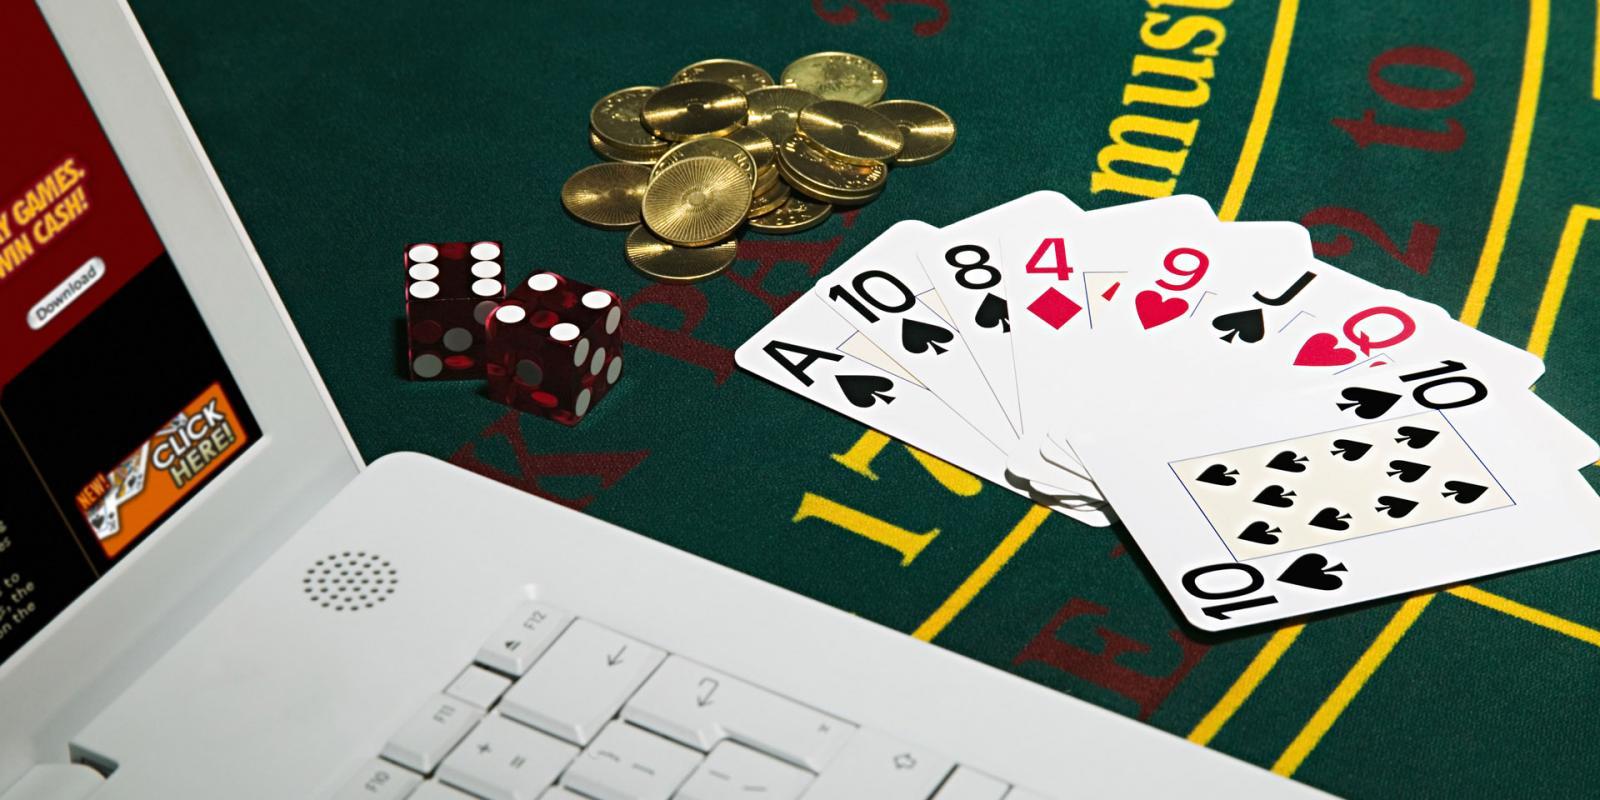 Покер автомат играть онлайн бесплатно